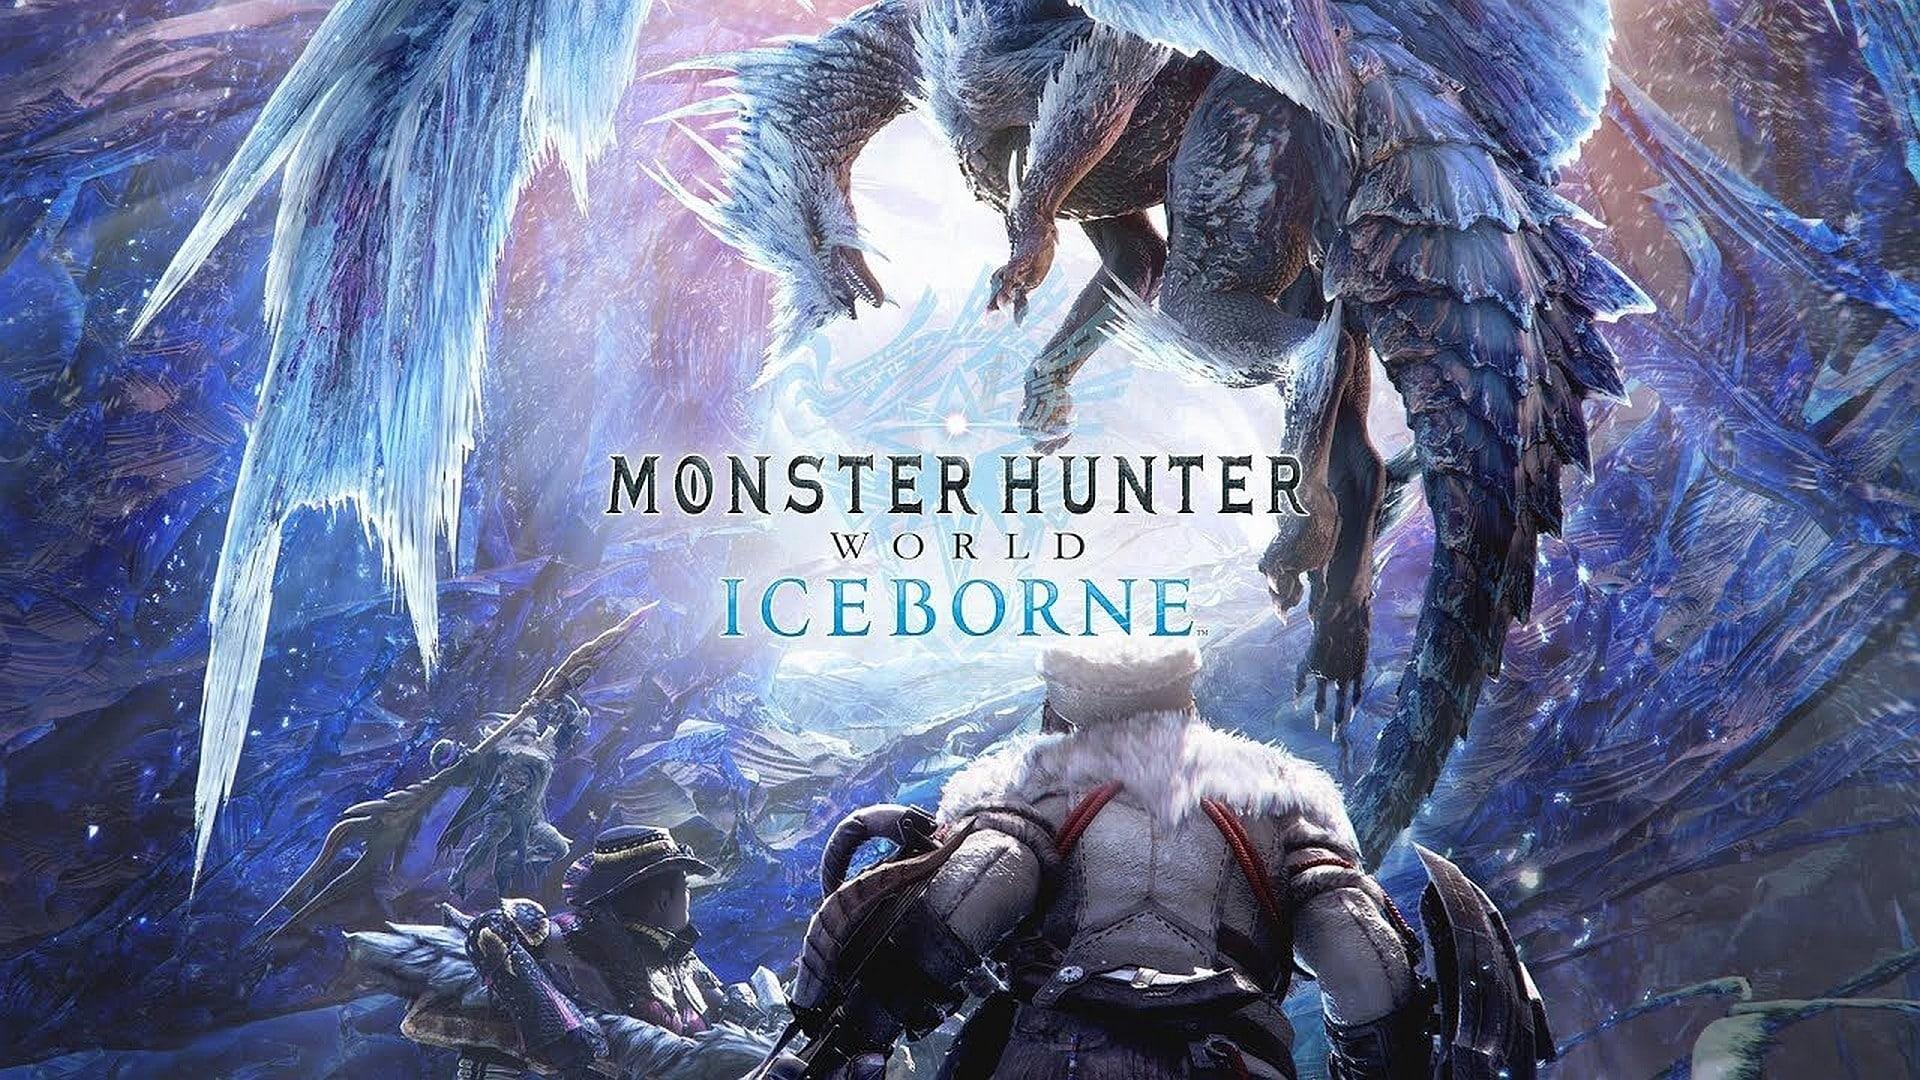 monster hunter world wallpaper hd 1920x1080